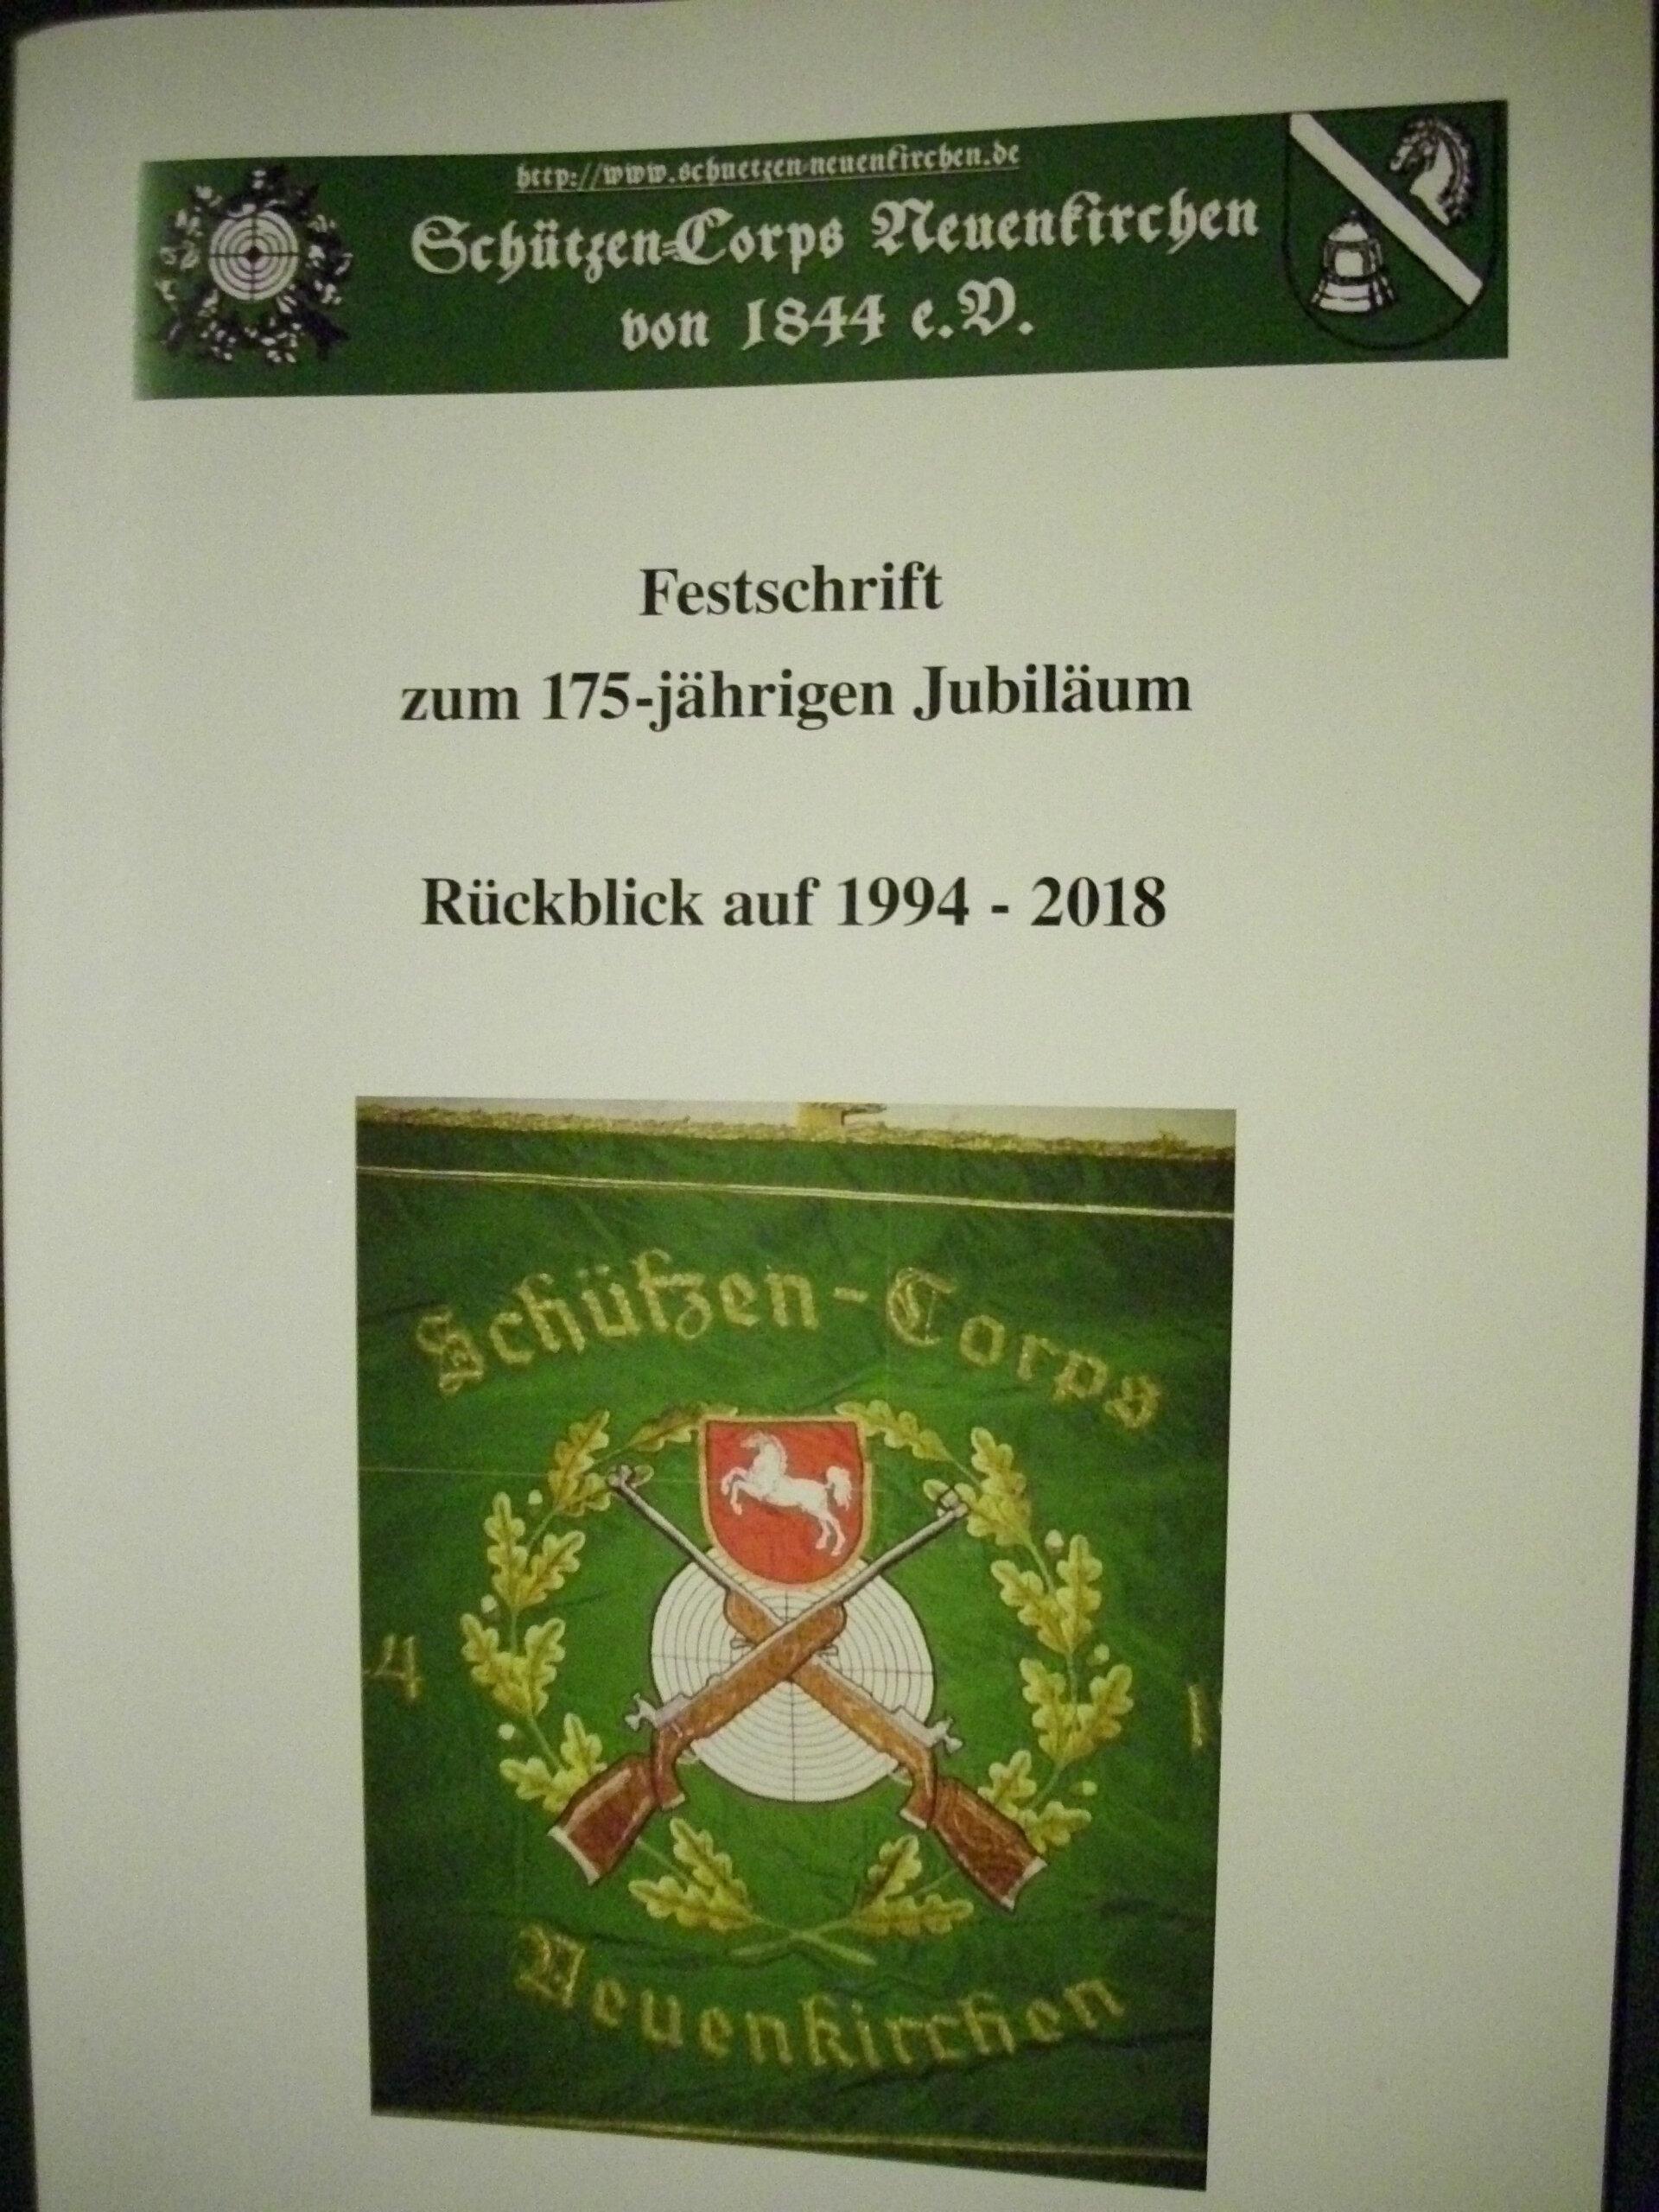 Festschrift zum Vereinsjubiläum